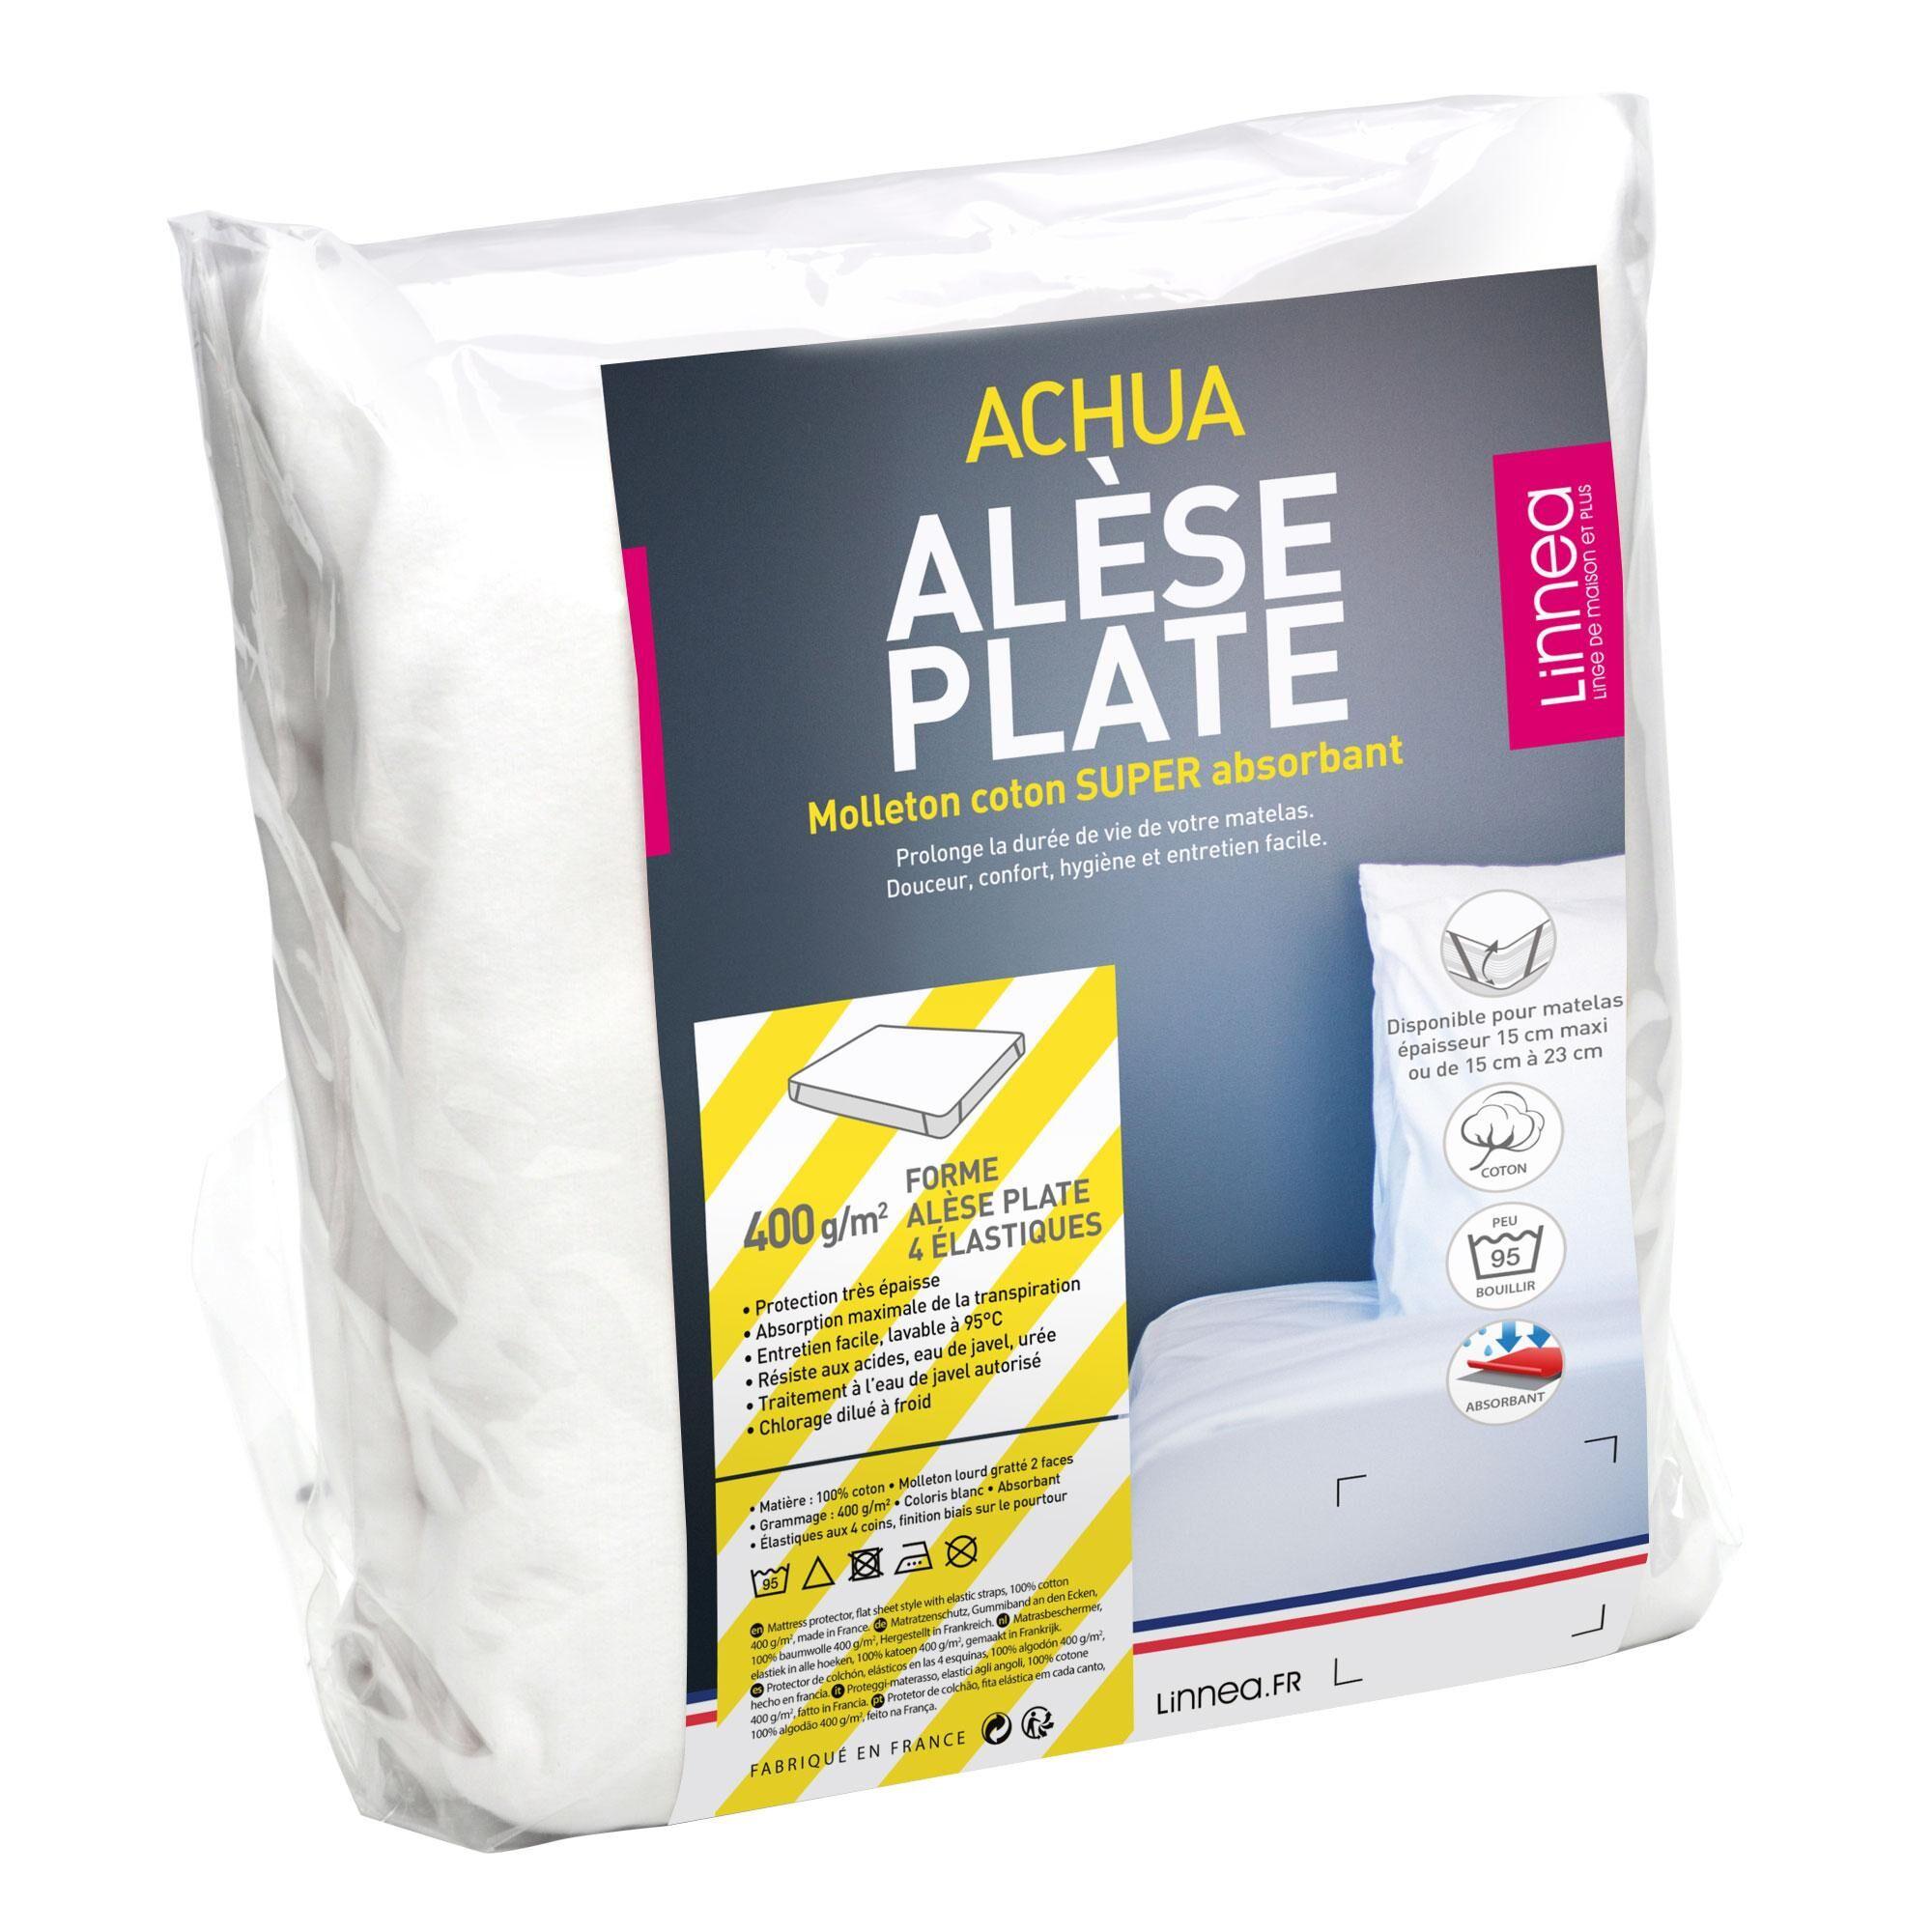 Linnea Alèse plate 130x190 cm ACHUA Molleton 100% coton 400 g/m2 matelas 15cm à 23cm